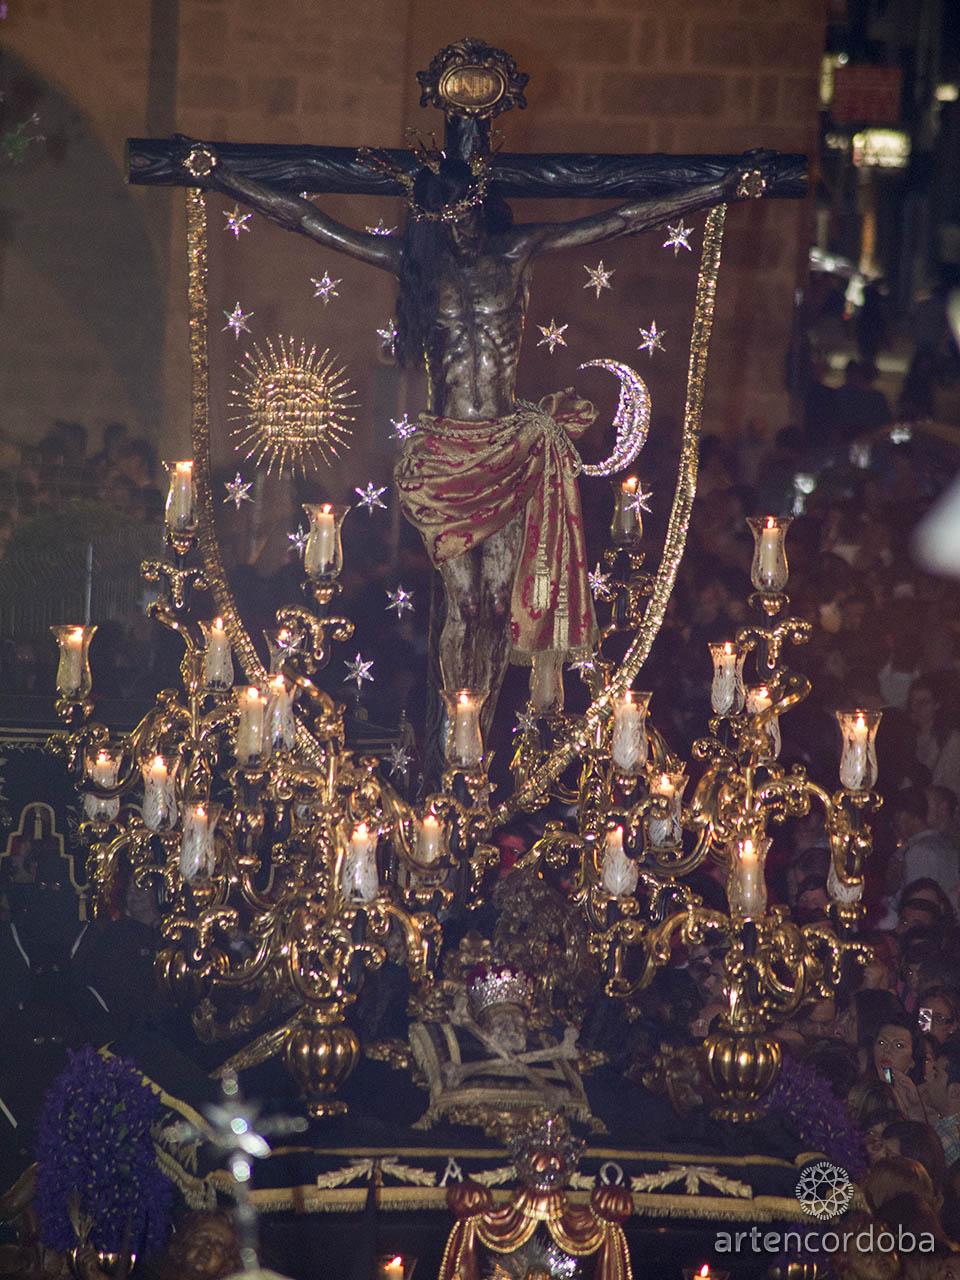 Santísimo Cristo del Remedio de Ánimas - Hermandad del Remedio de Ánimas en Córdoba